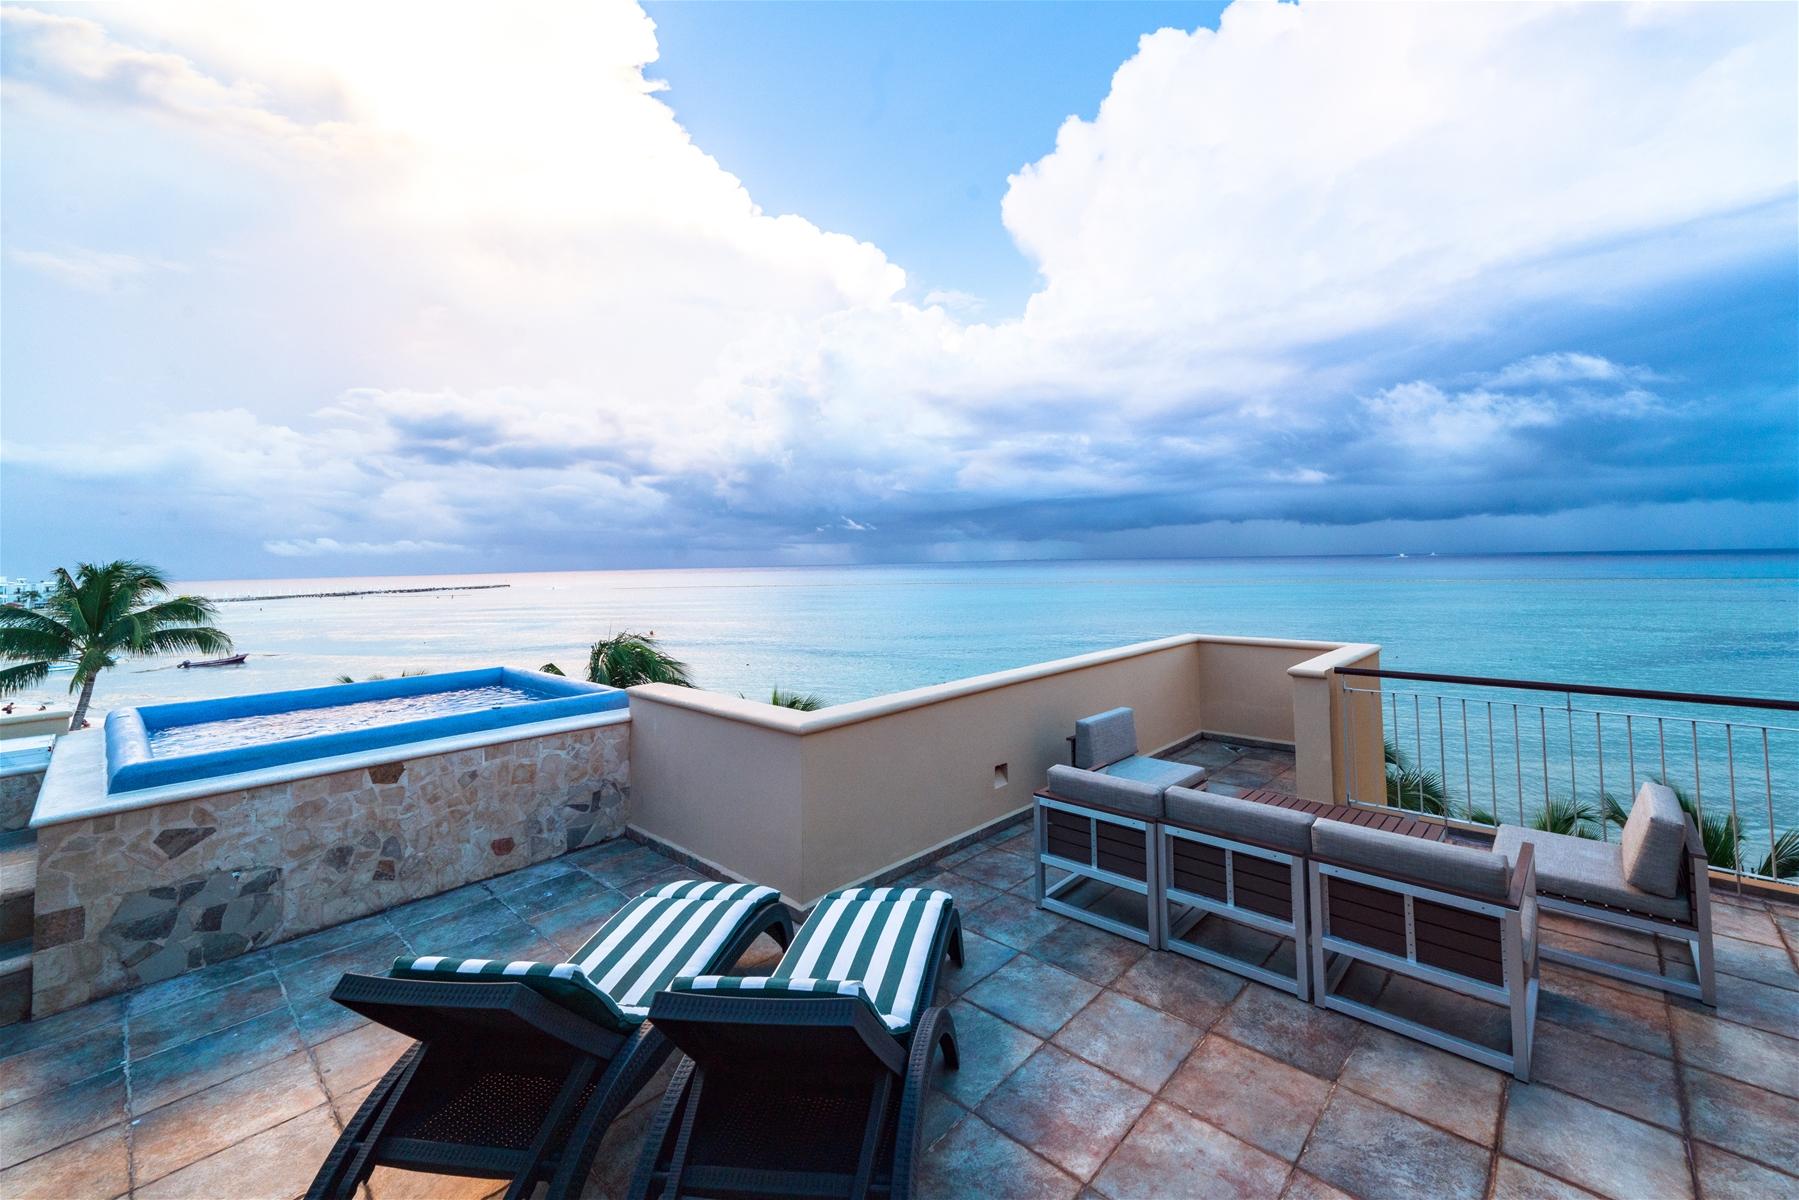 El Faro Reef 401 Playa del Carmen Condo Home For Sale Real Estate to Buy